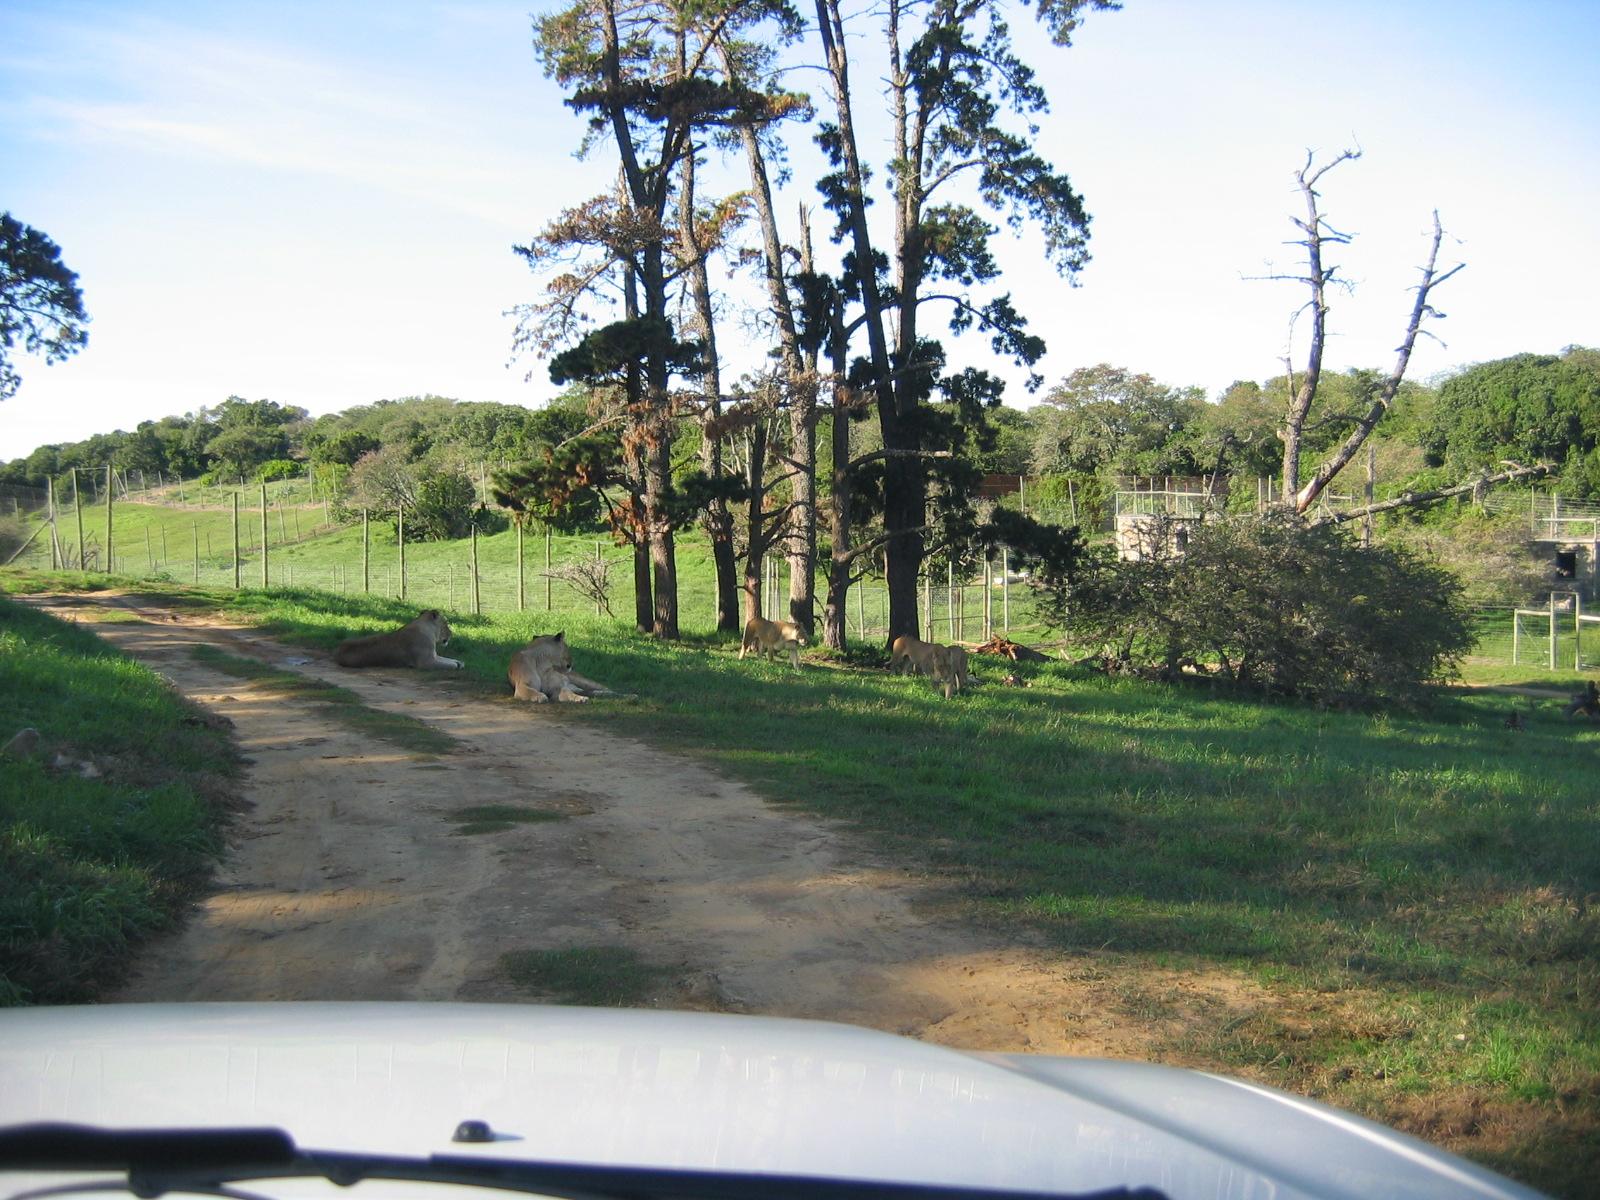 Die Fahrt durch das Gehege der Löwinnen, eine Wegblockade zeichnet sich ab